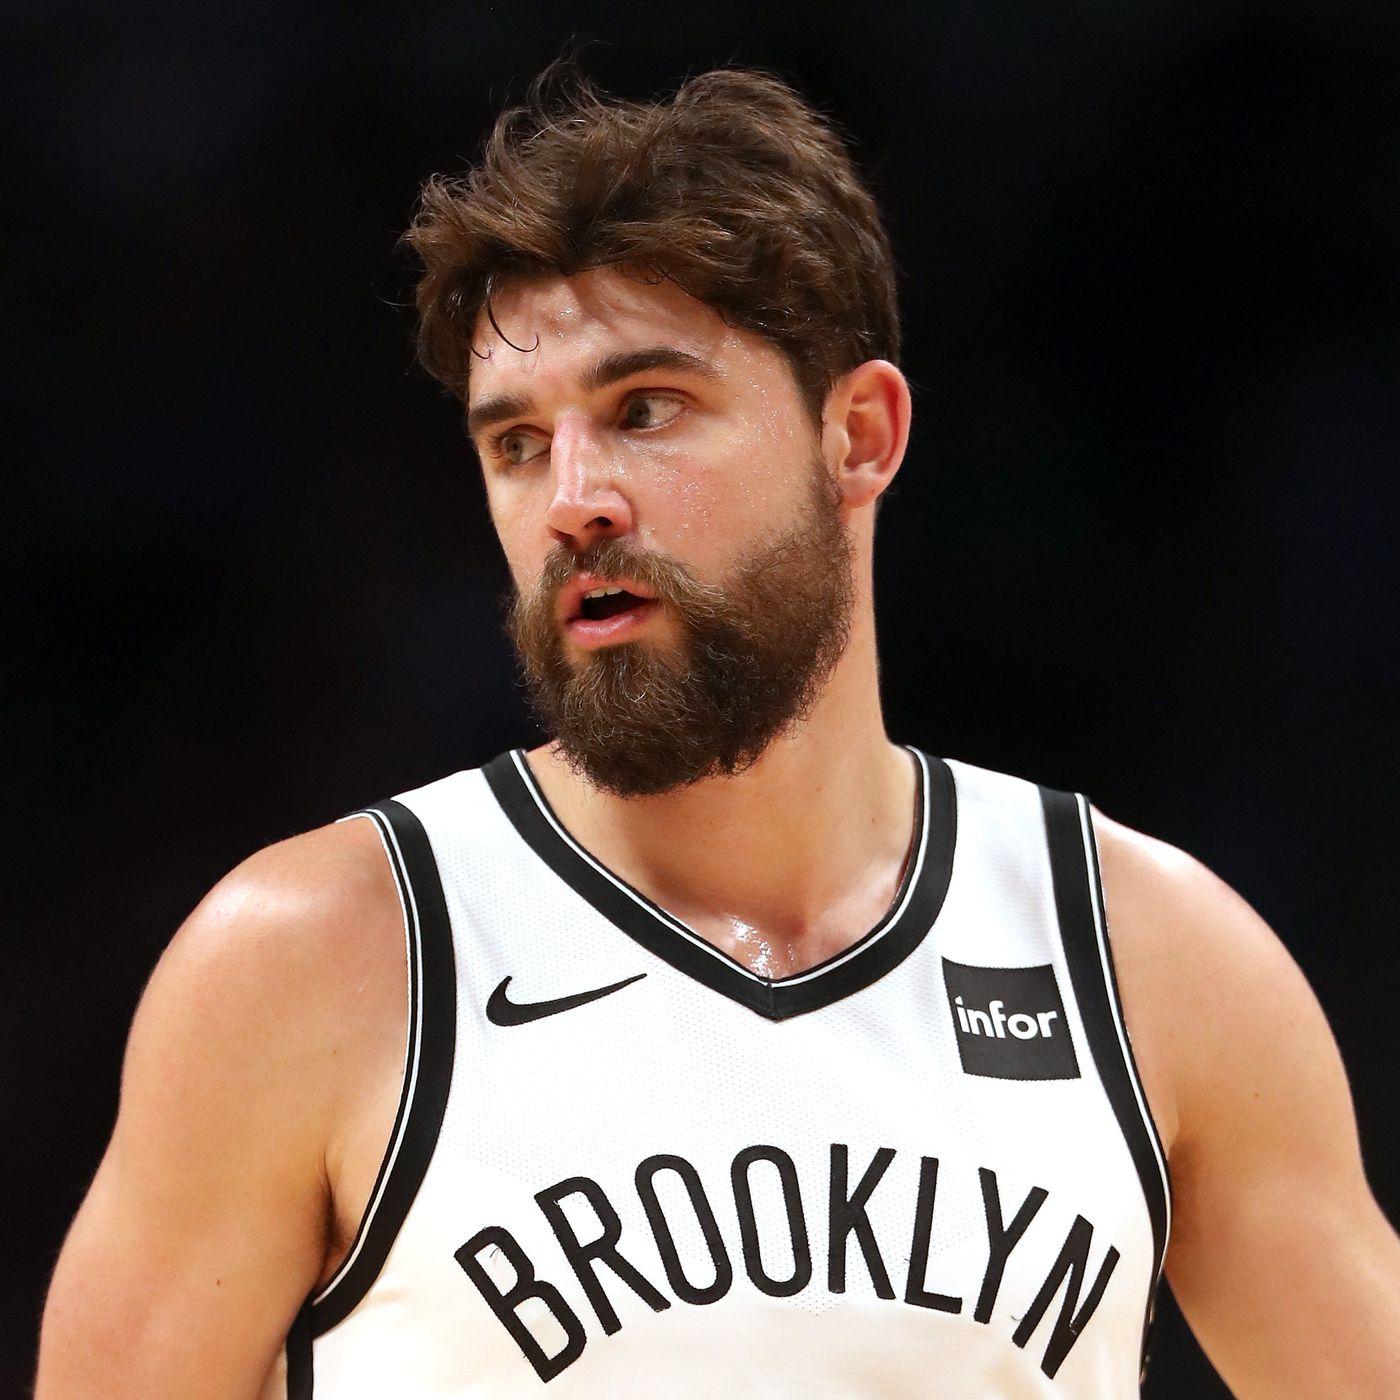 reputable site 75061 57f5a The Brooklyn Nets want Joe Harris in the 2019 NBA Three ...